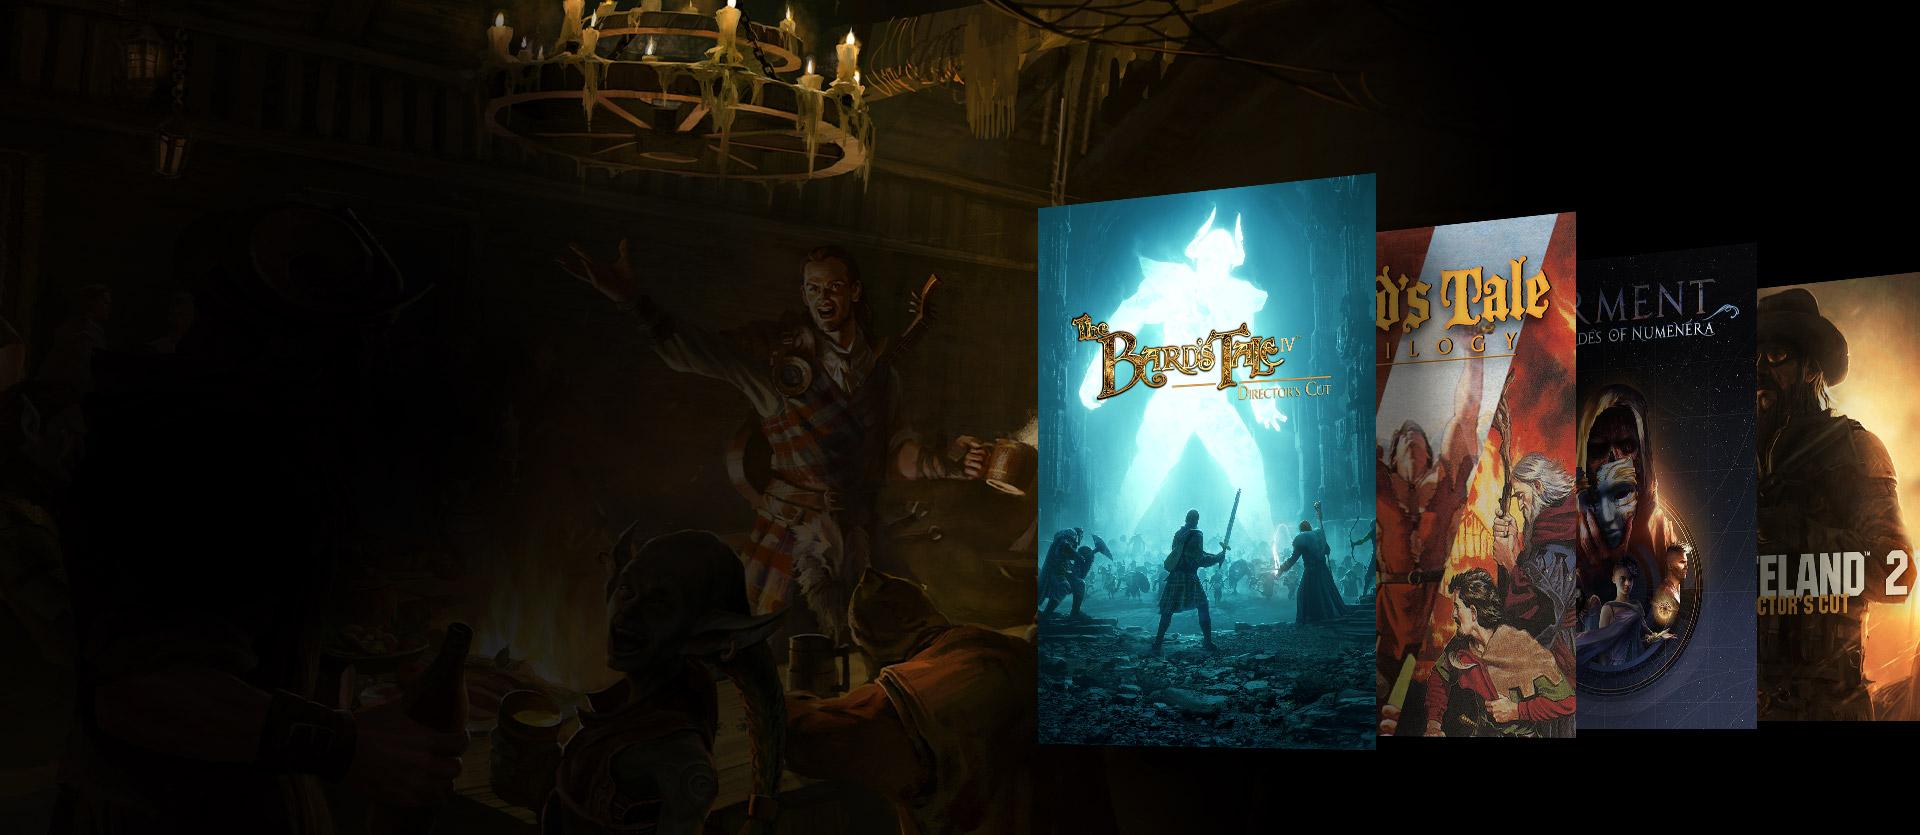 Imágenes de la caja de The Bard's Tale IV, Bard's Tale Trilogy, Torment: Tales of Numenara y Wasteland 2. Un fondo de personajes alrededor de una mesa con bebidas